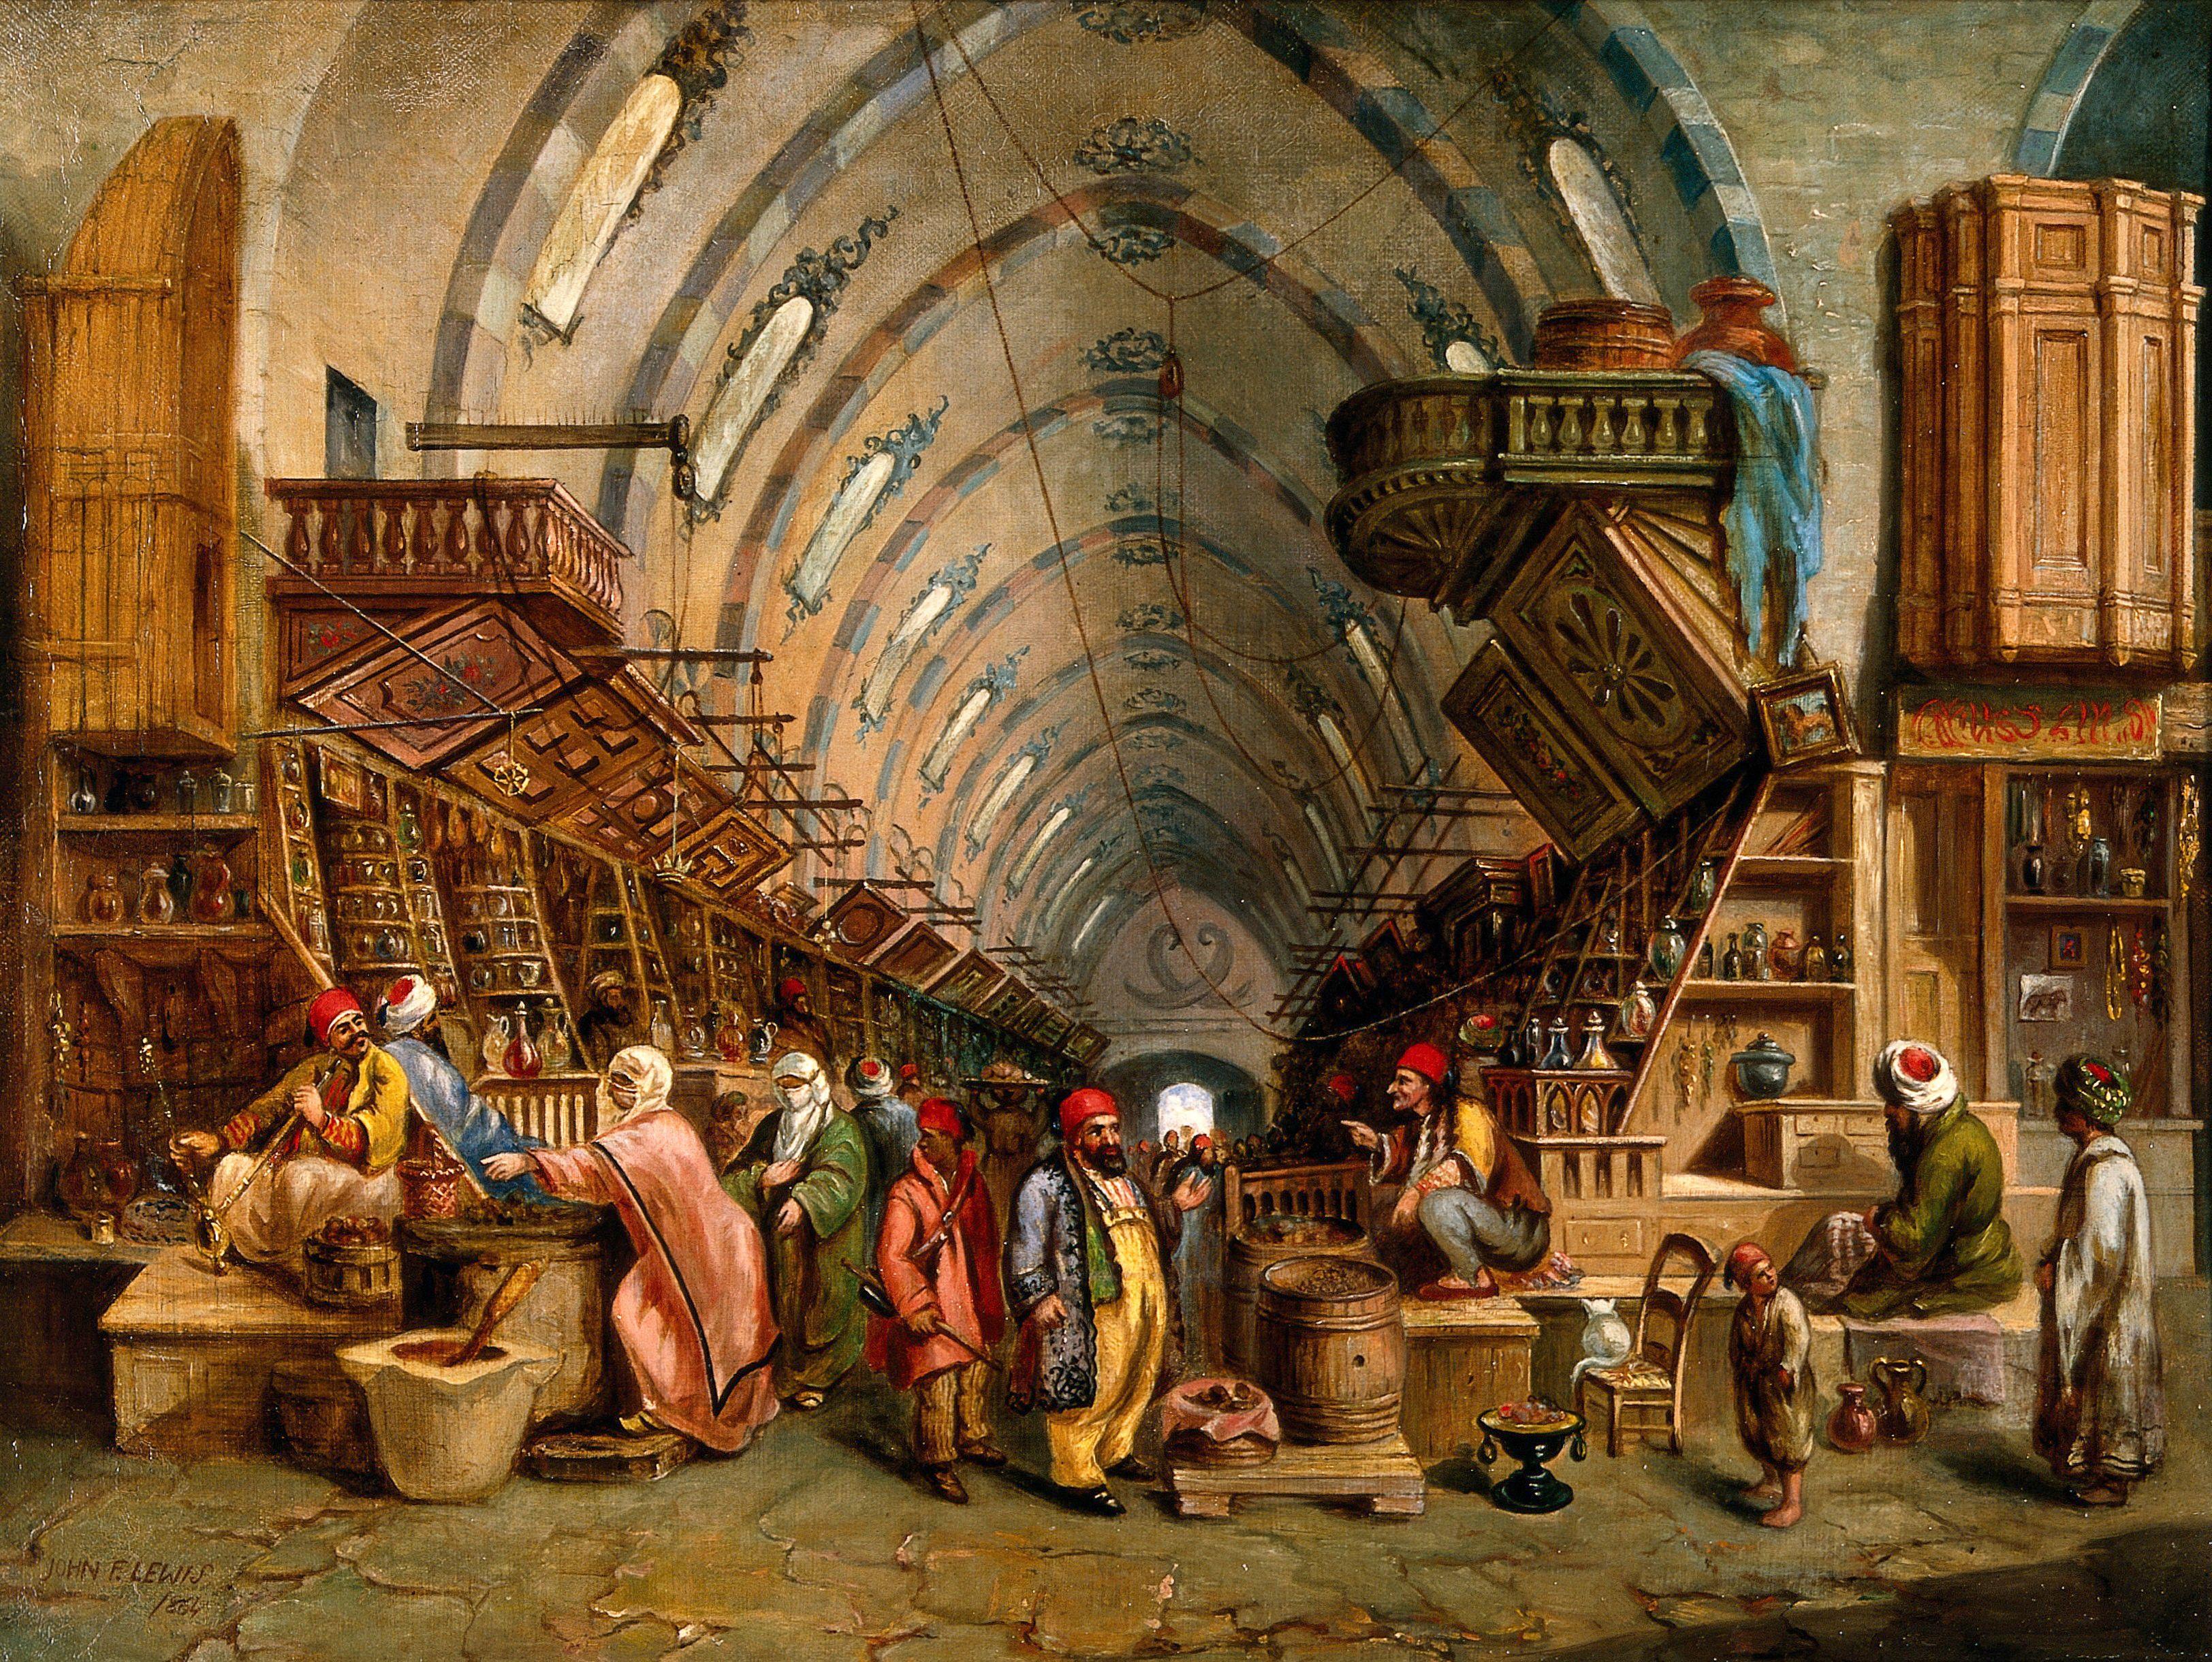 A bazaar (the Egyptian bazaar, Constantinople?)  Oil painting